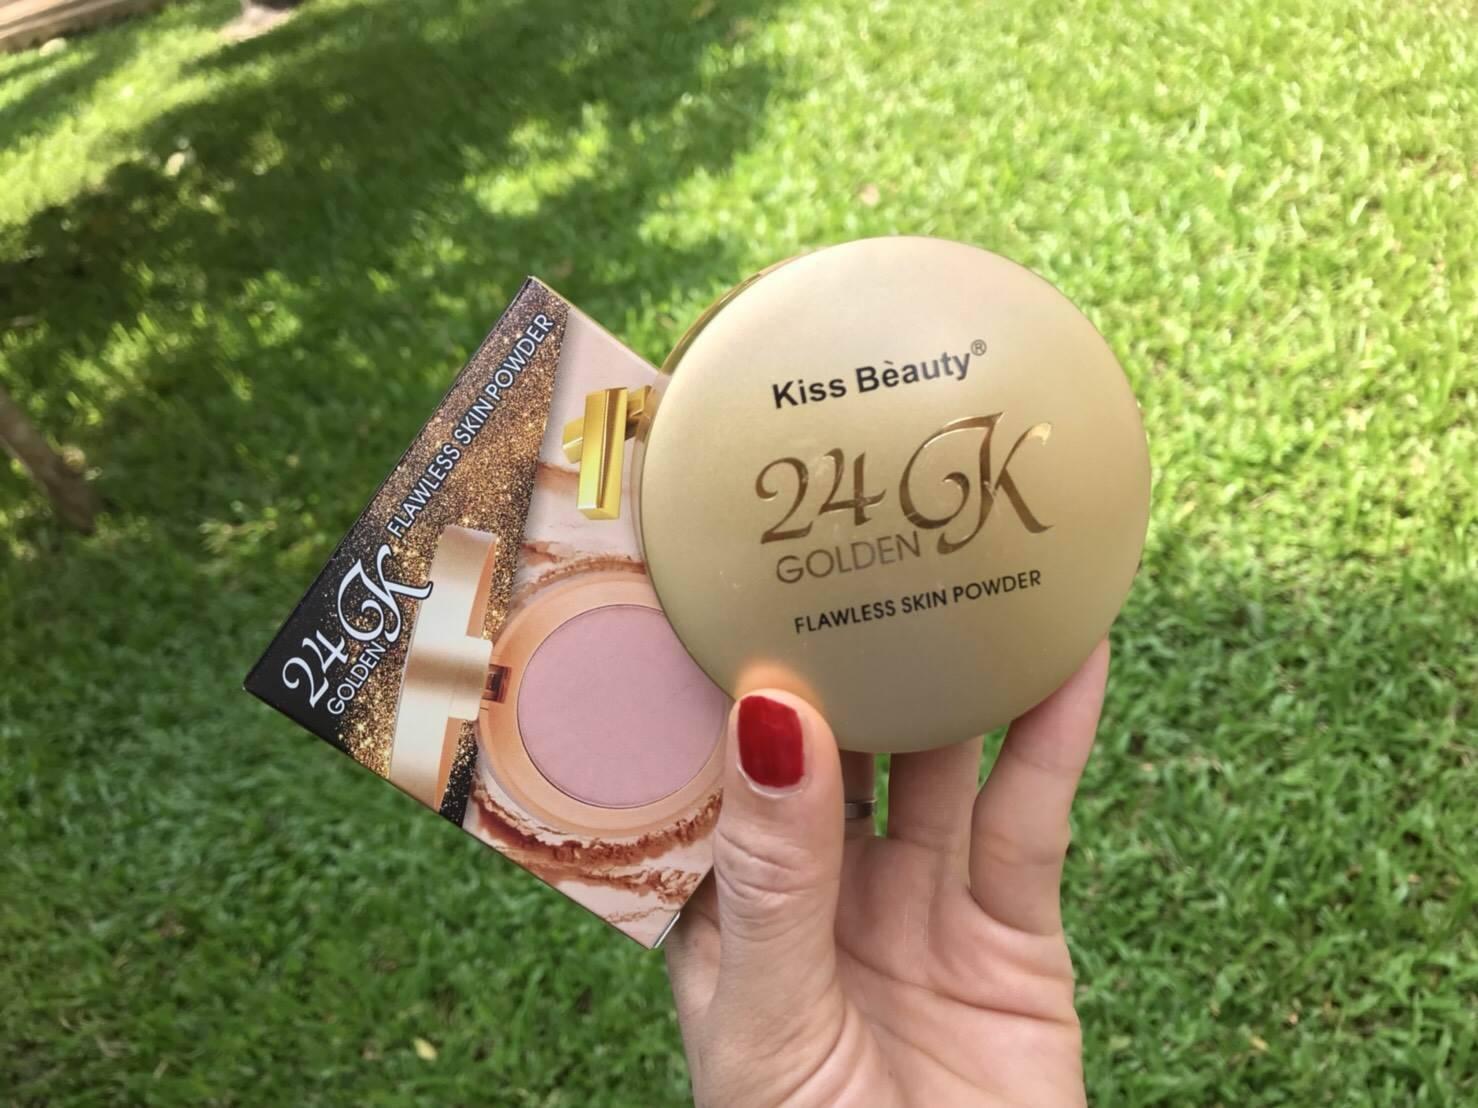 แป้งพัฟทองคำ 24K Kiss Beaty 24K Golden Flawless Skin Powder ราคาปลีก 80 บาท / ราคาส่ง 64 บาท